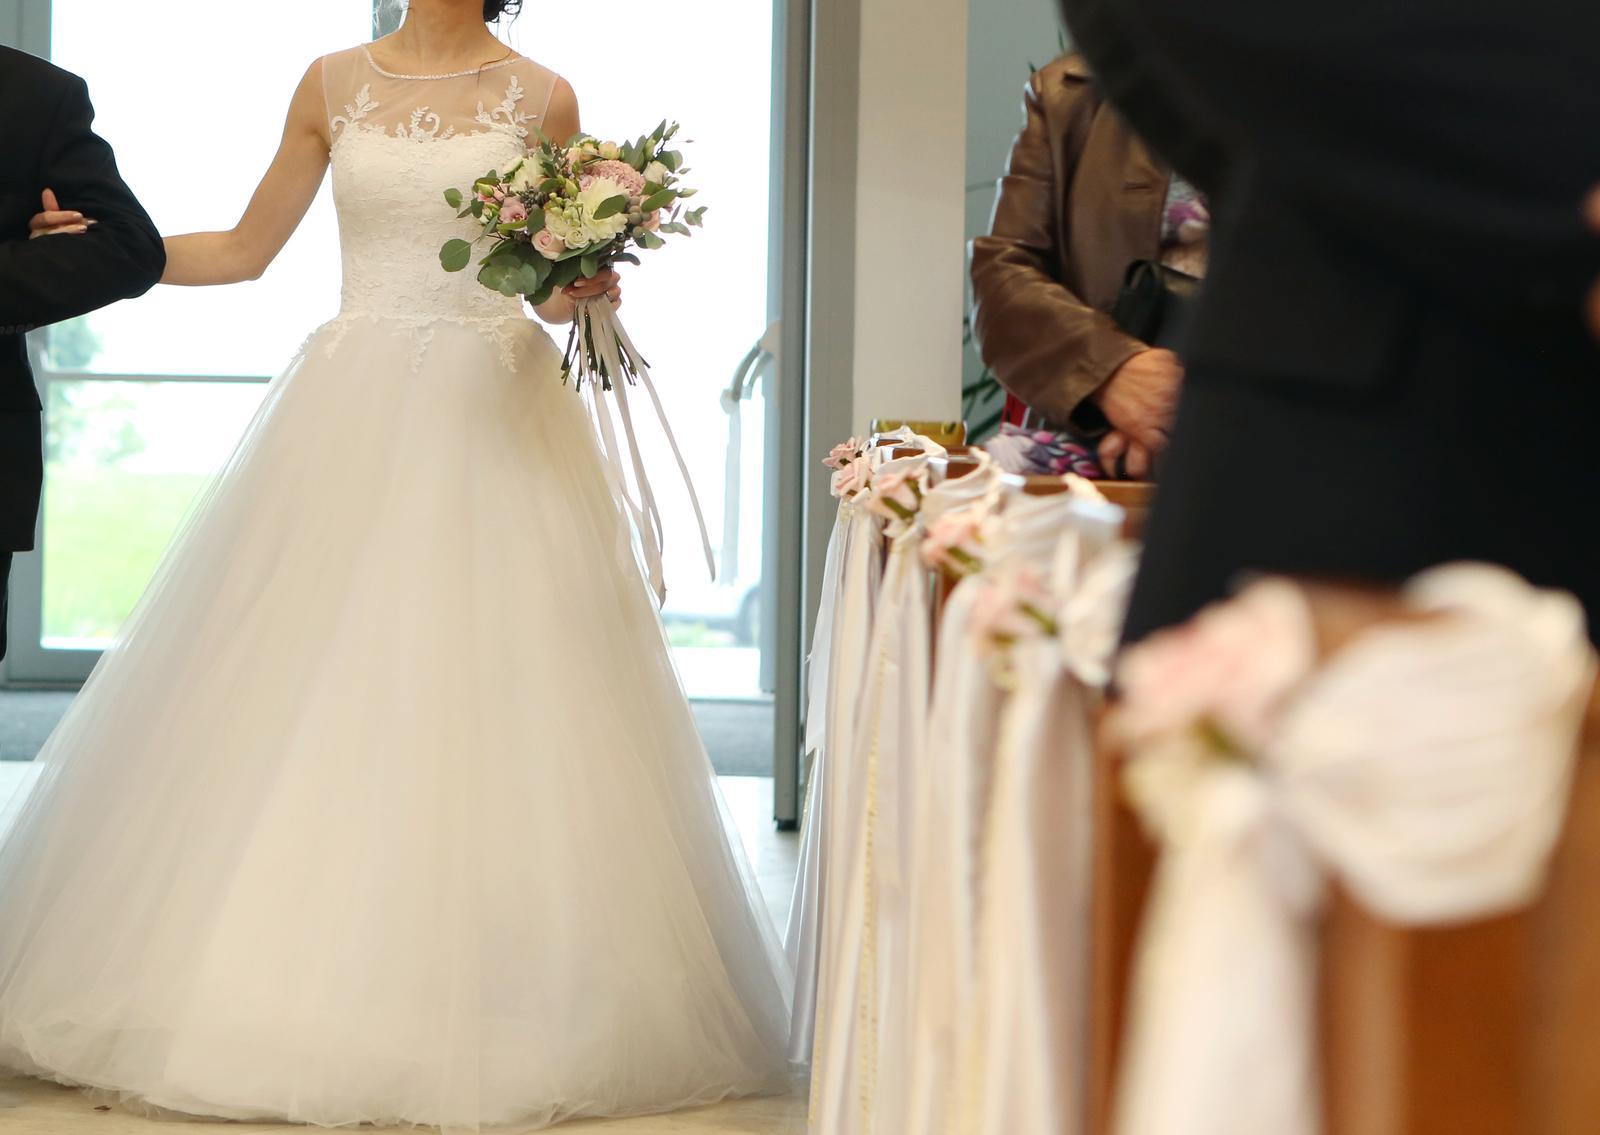 Svadobne šaty pre vysokú aj nízku postavu - Obrázok č. 4